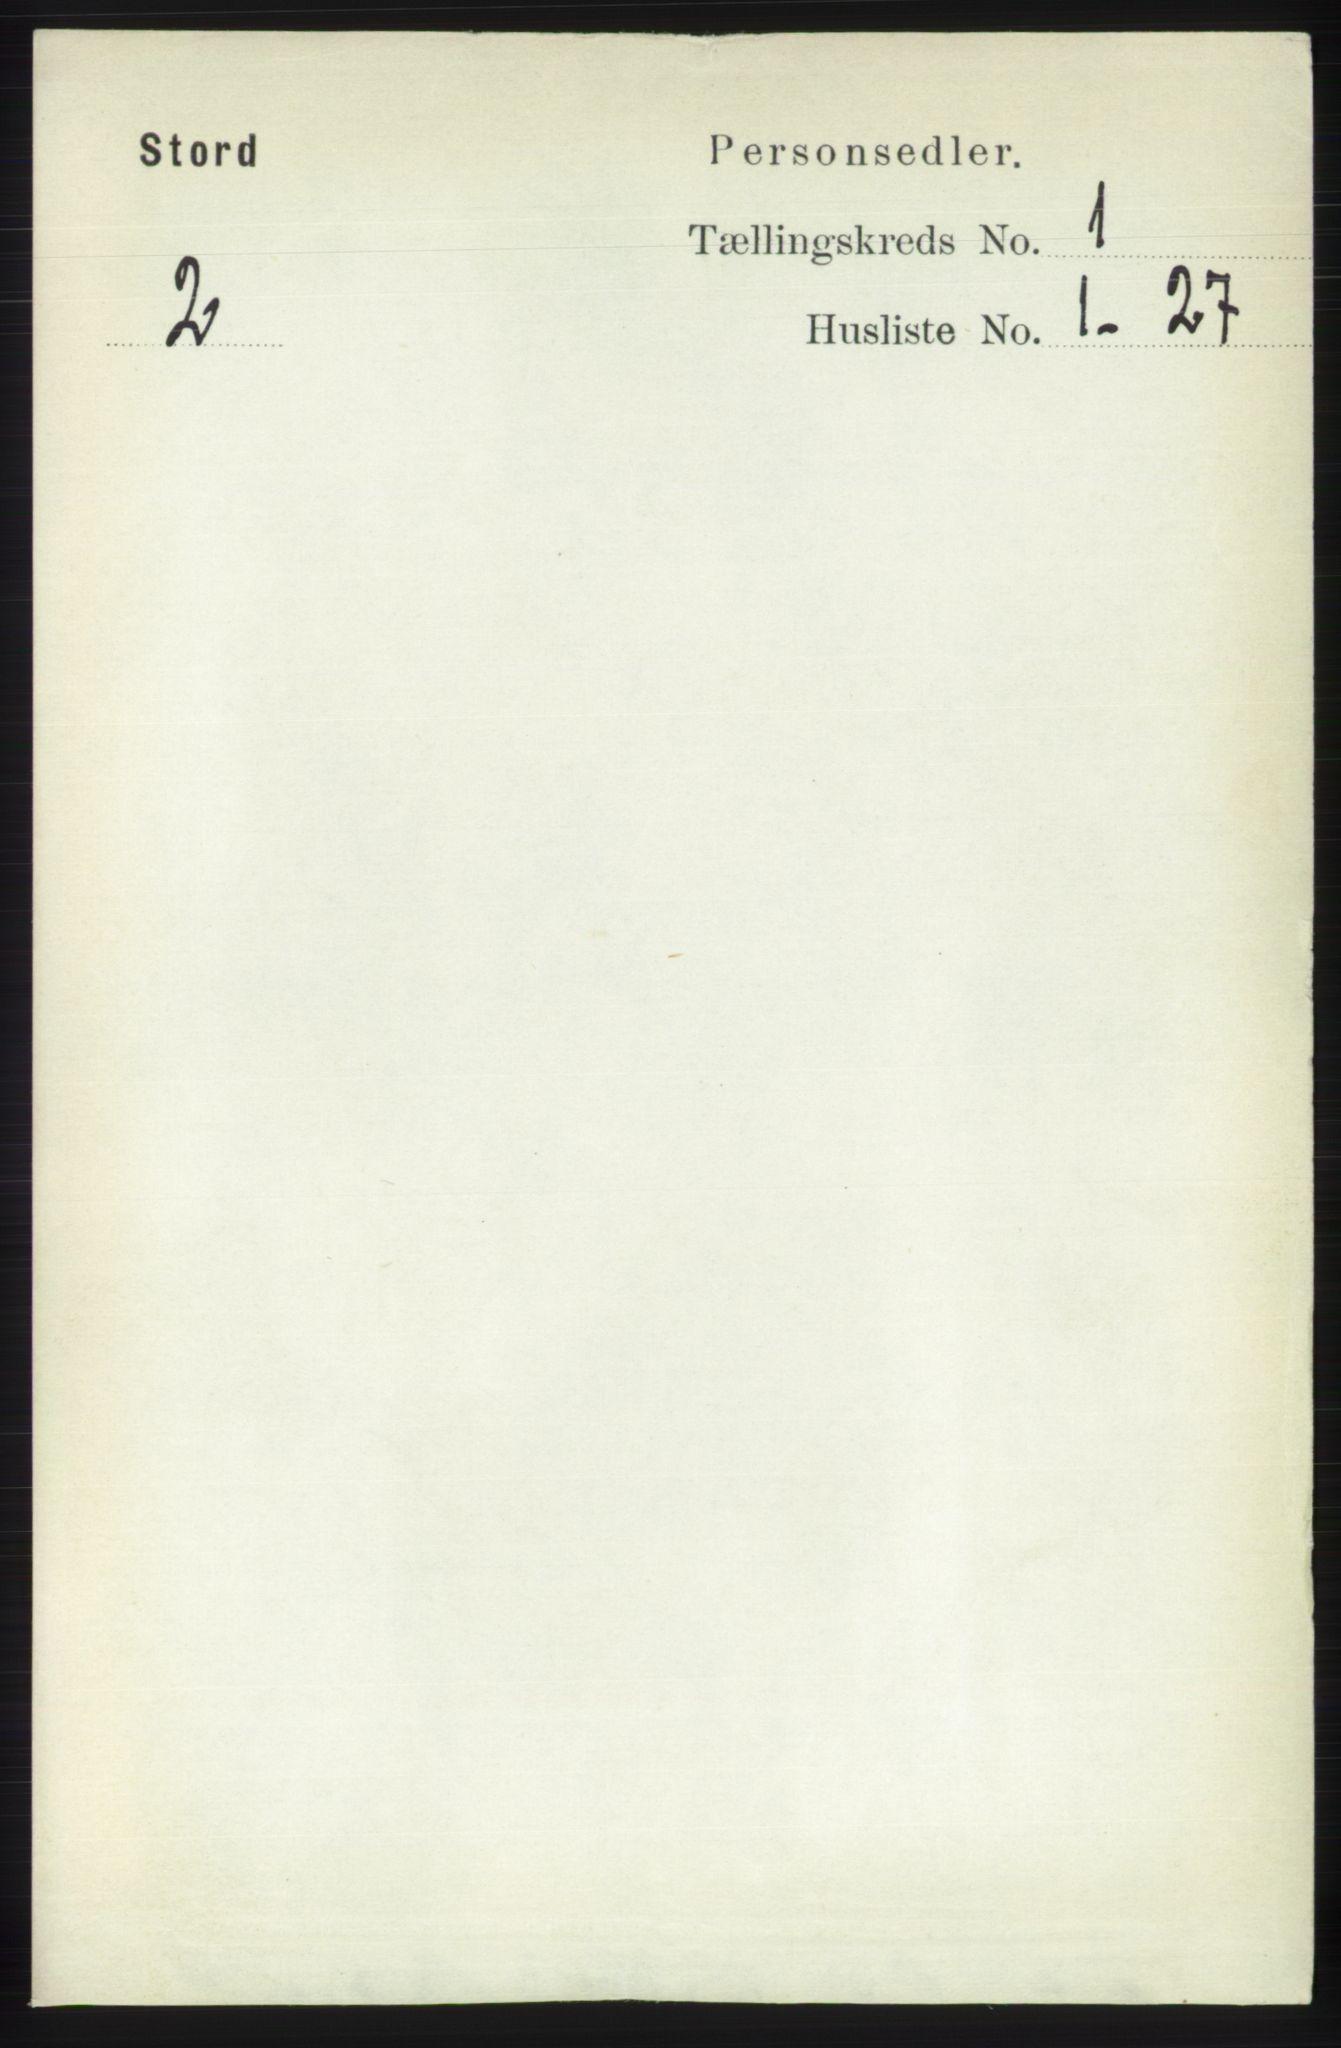 RA, Folketelling 1891 for 1221 Stord herred, 1891, s. 46